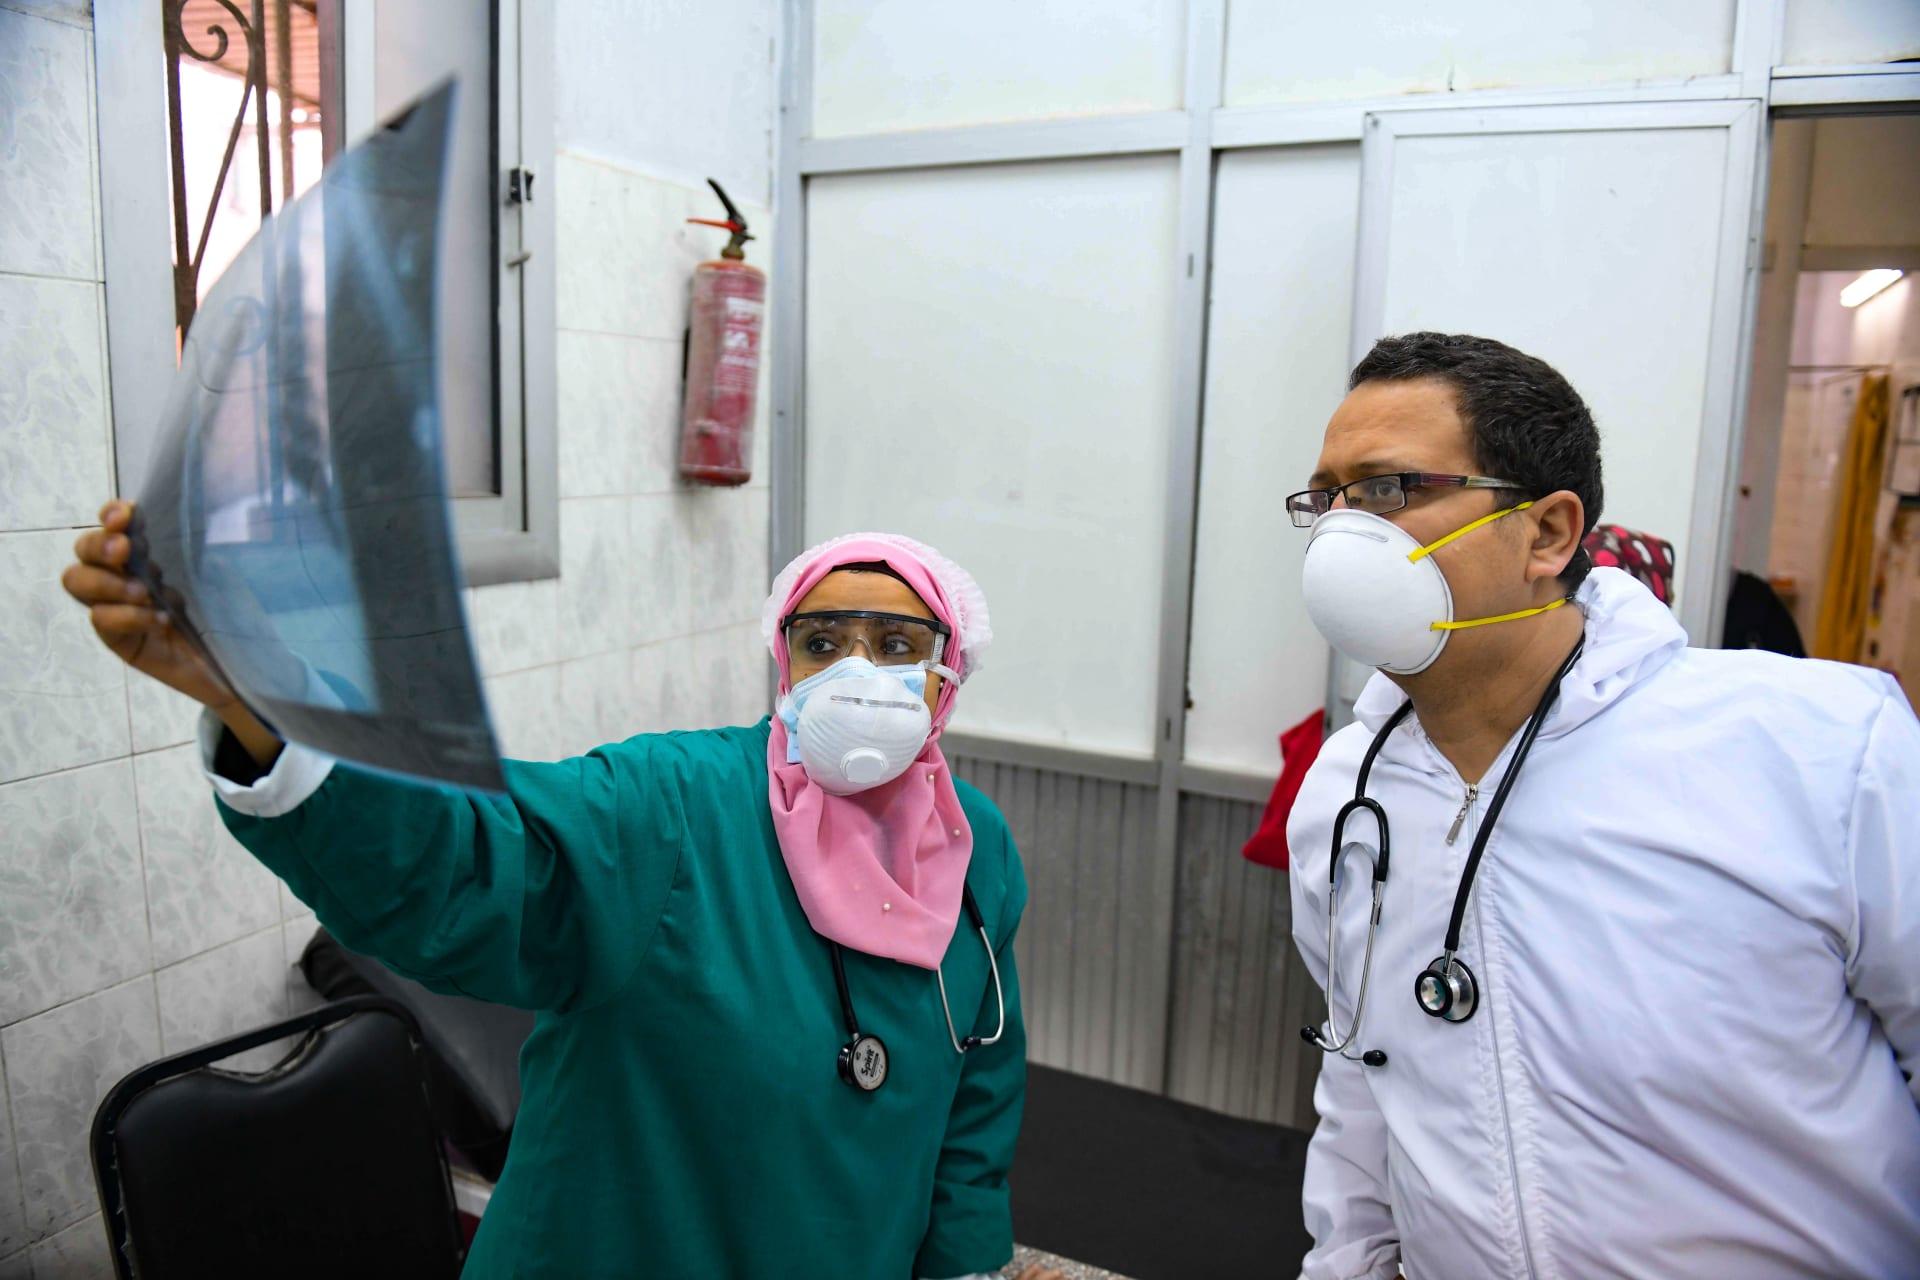 أطباء مصريون يتابعون الأشعة الخاصة بأحد المرضى المصابين بفيروس كورونا